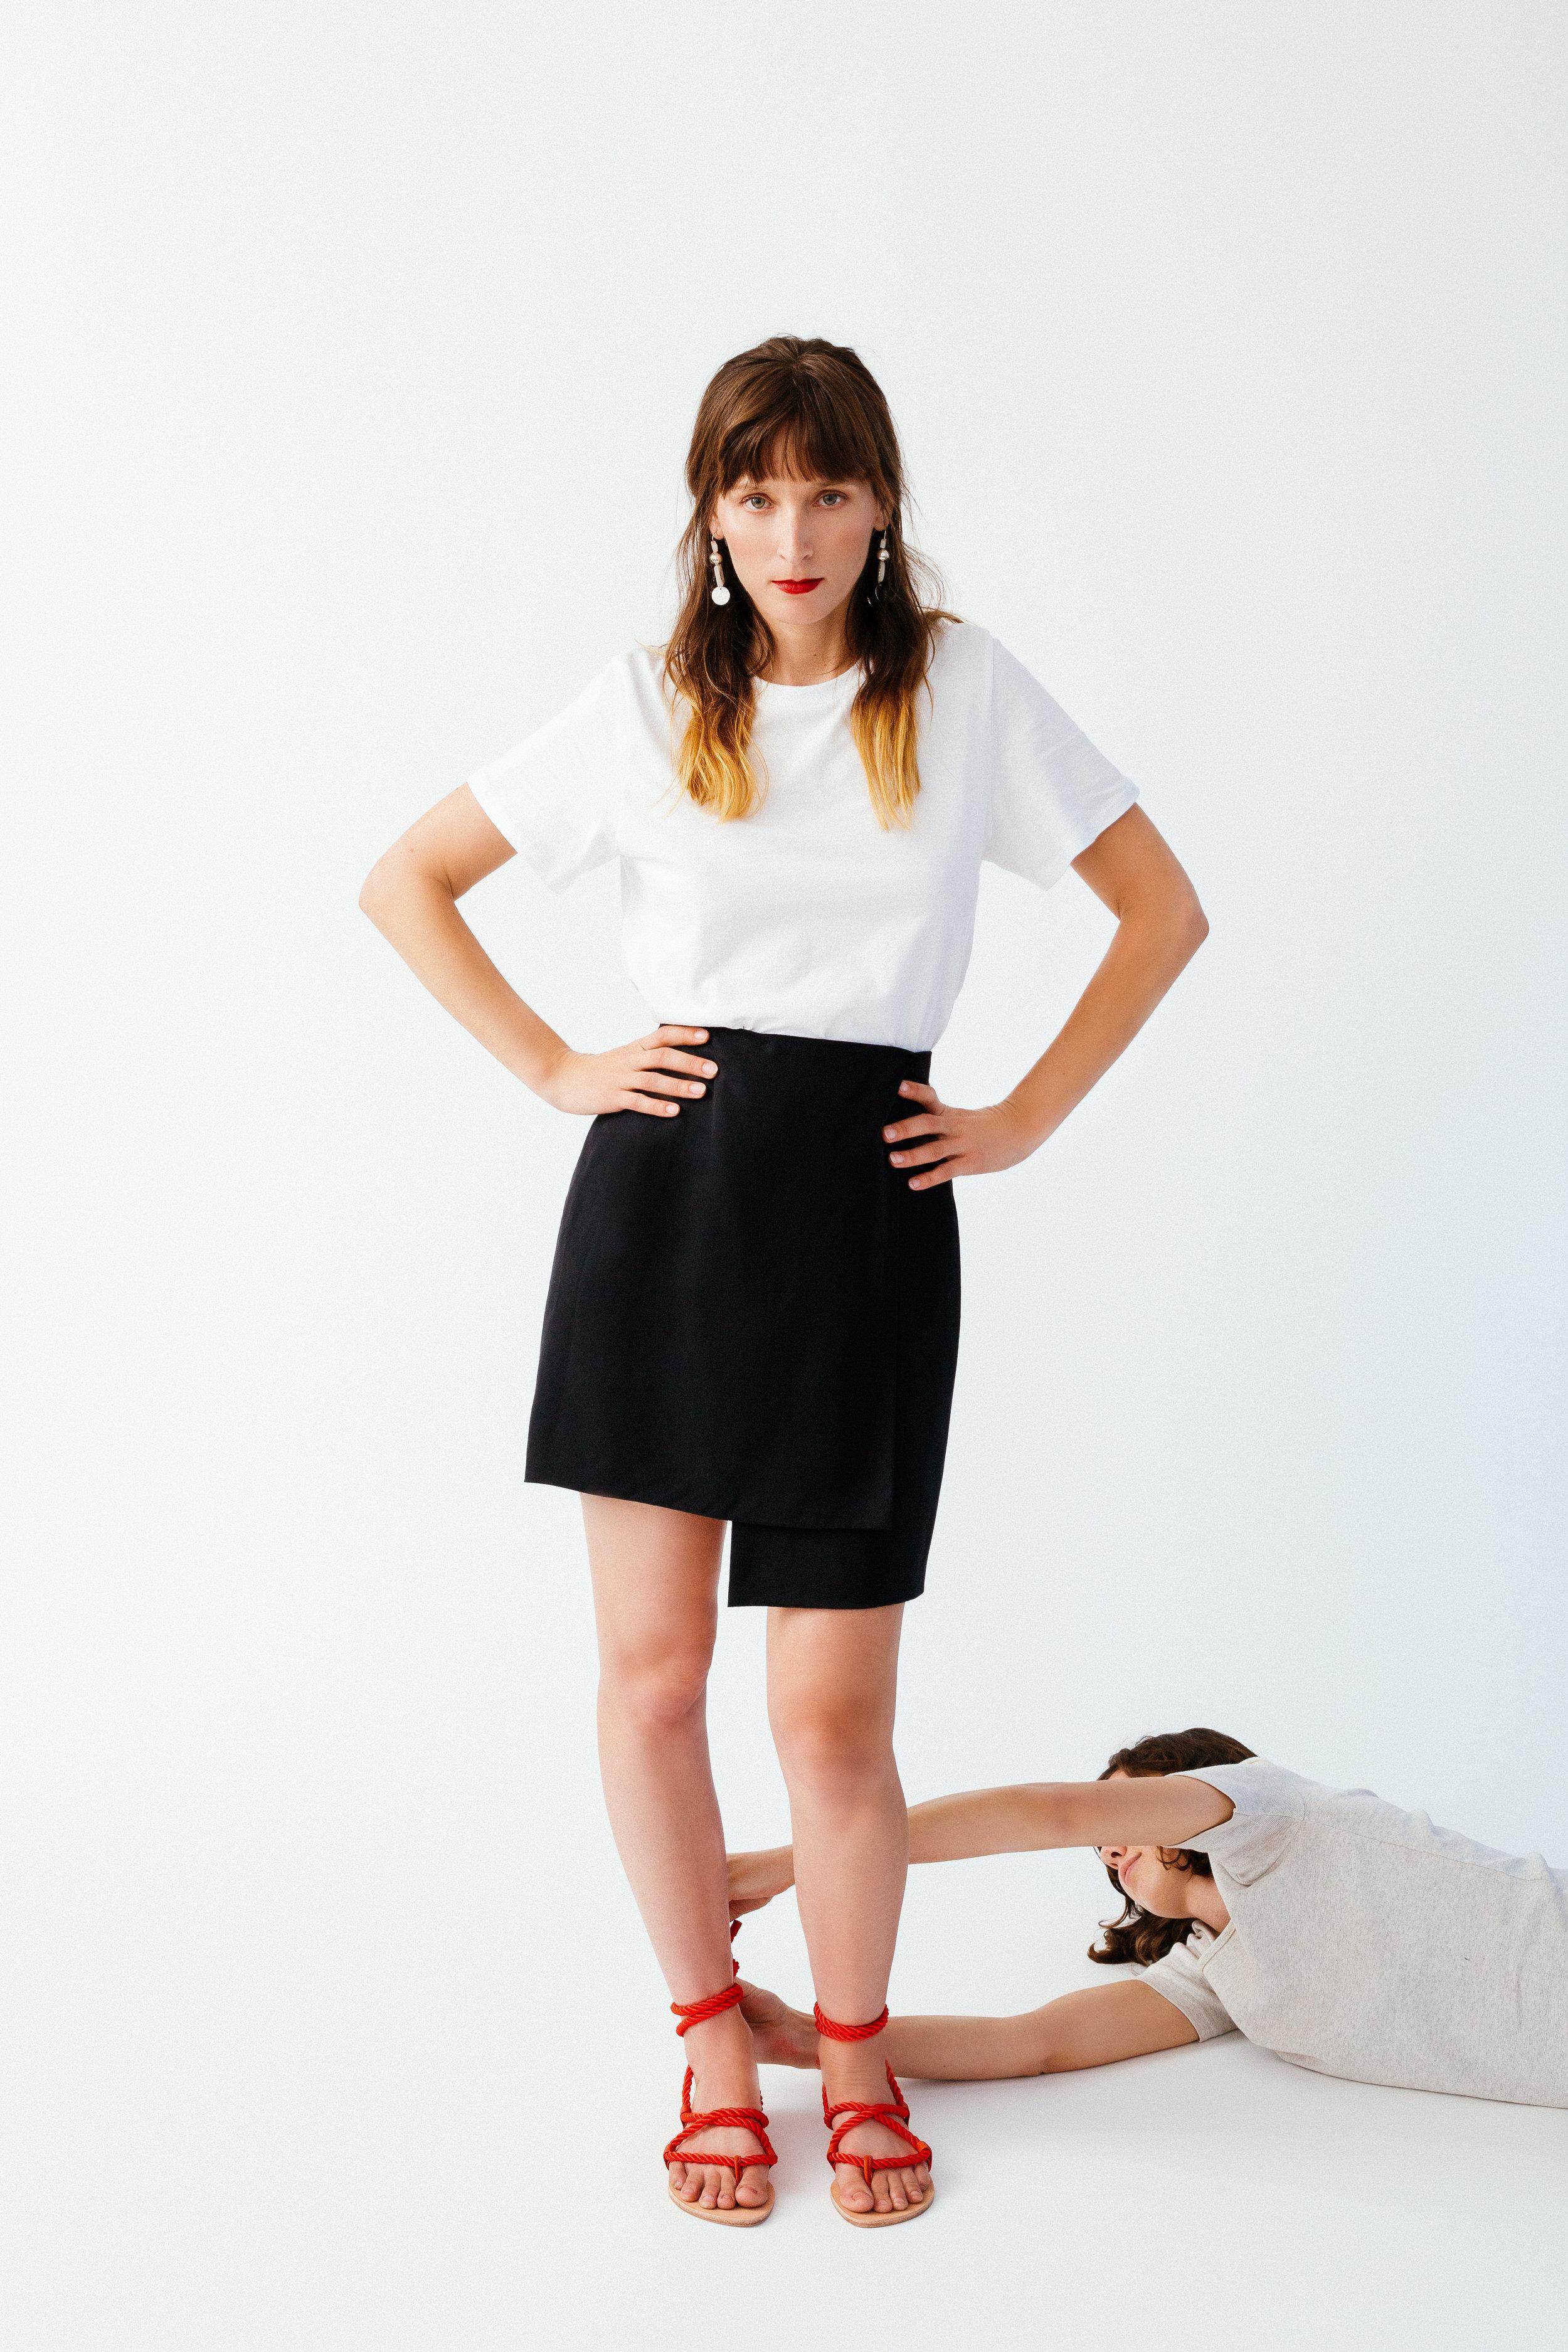 ellice ruiz_sustainable workwear_cotton tee.jpg